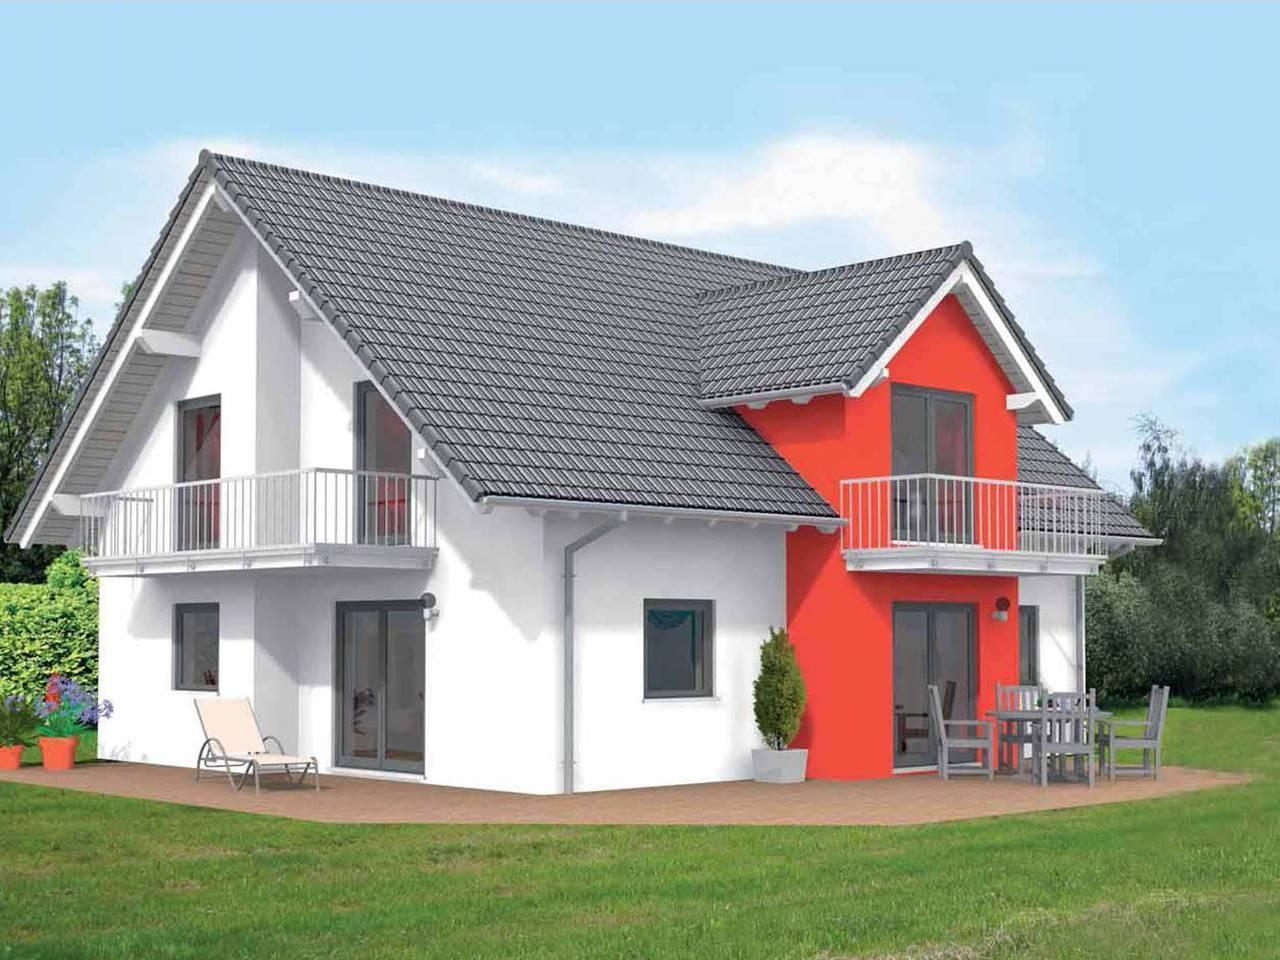 Einfamilienhaus Elegance 170 von Econ Haus